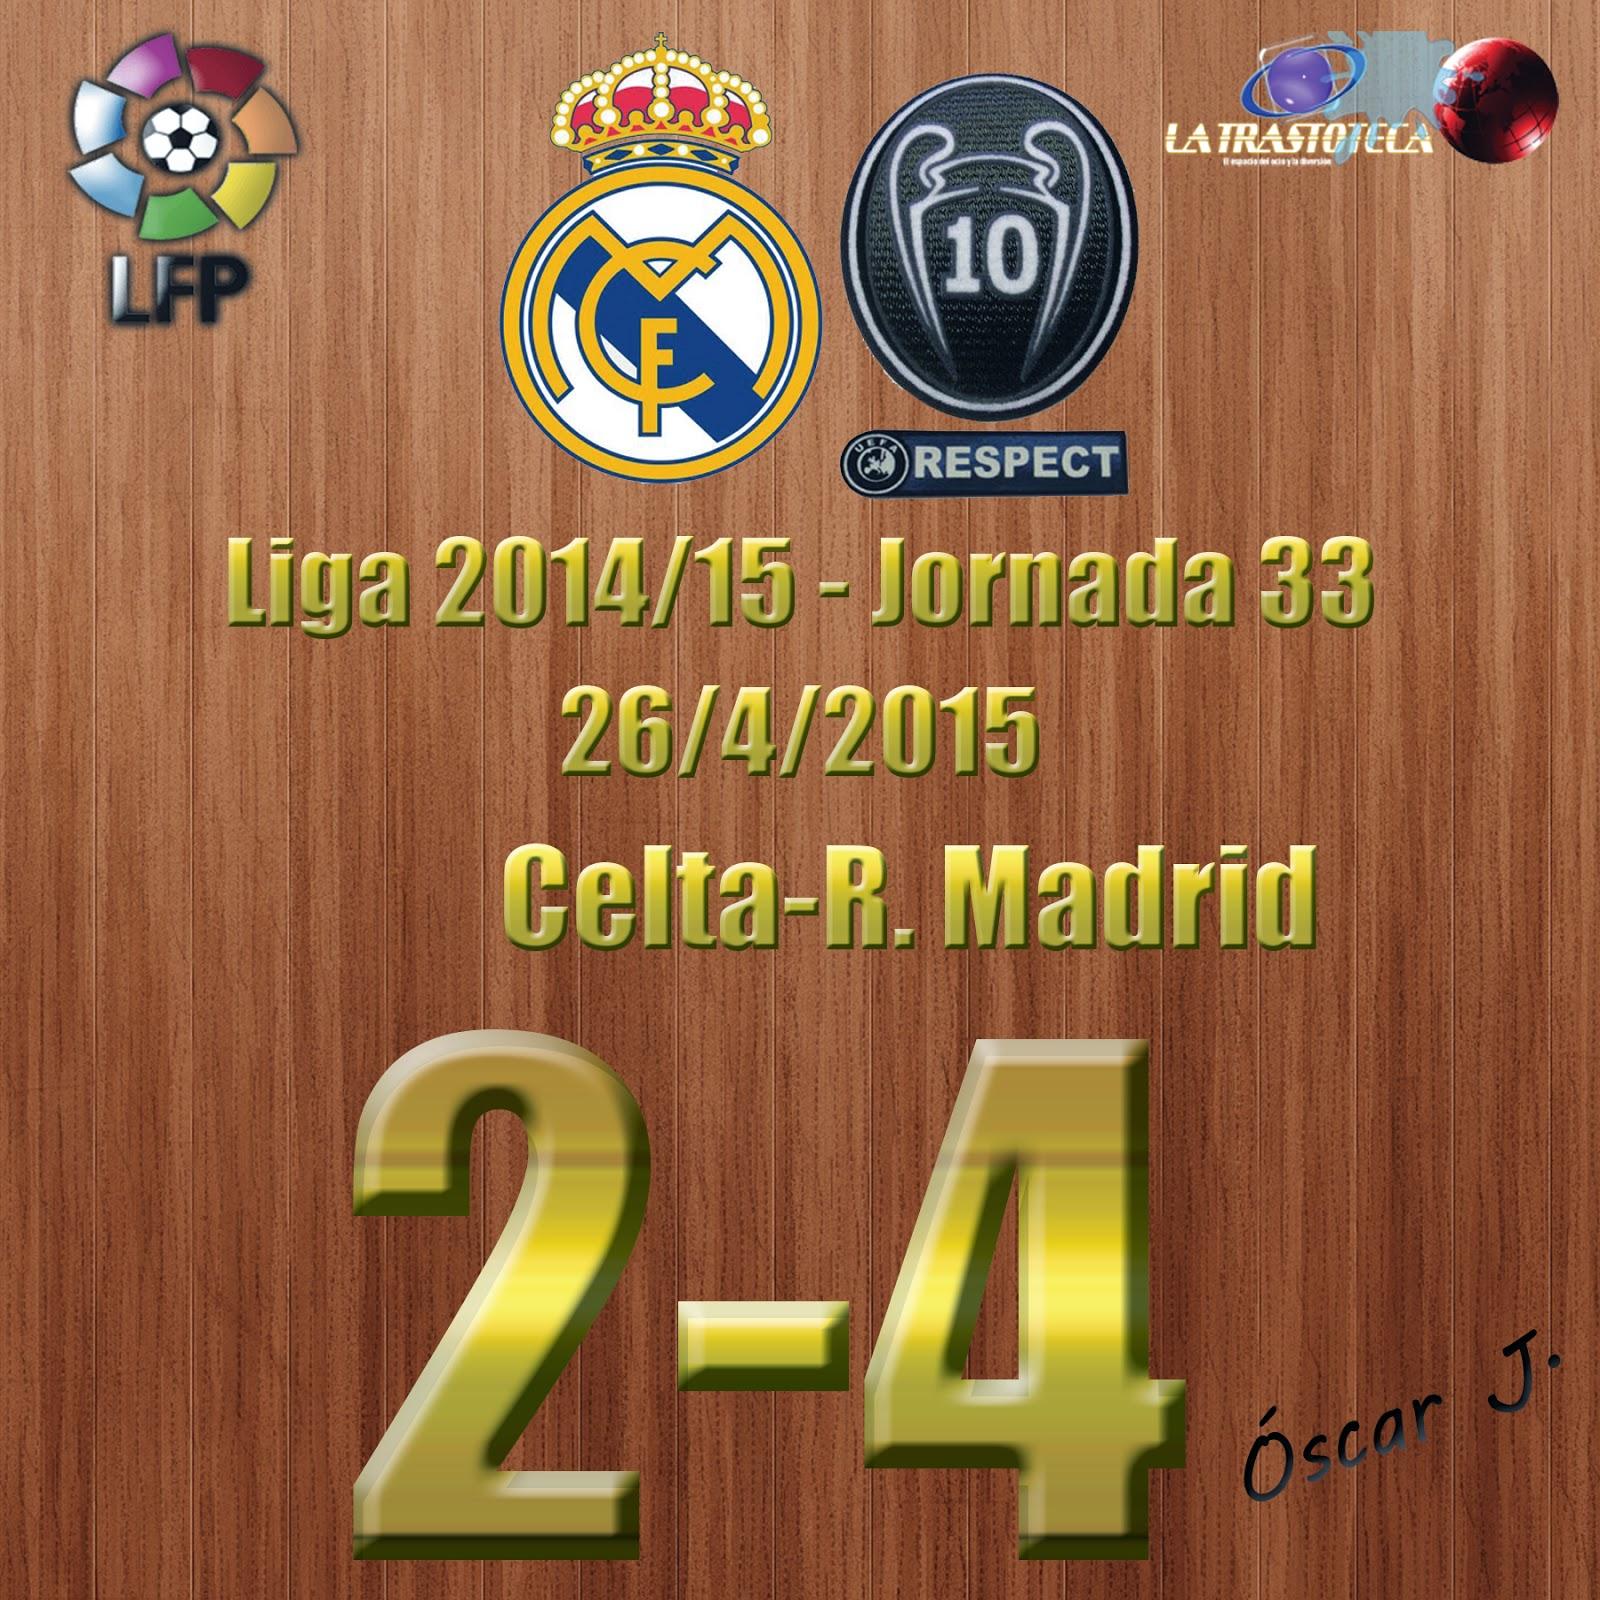 Kroos (1-1) - Celta 2-4 Real Madrid - Liga 2014/15 - Jornada 33 - (26/4/2015)